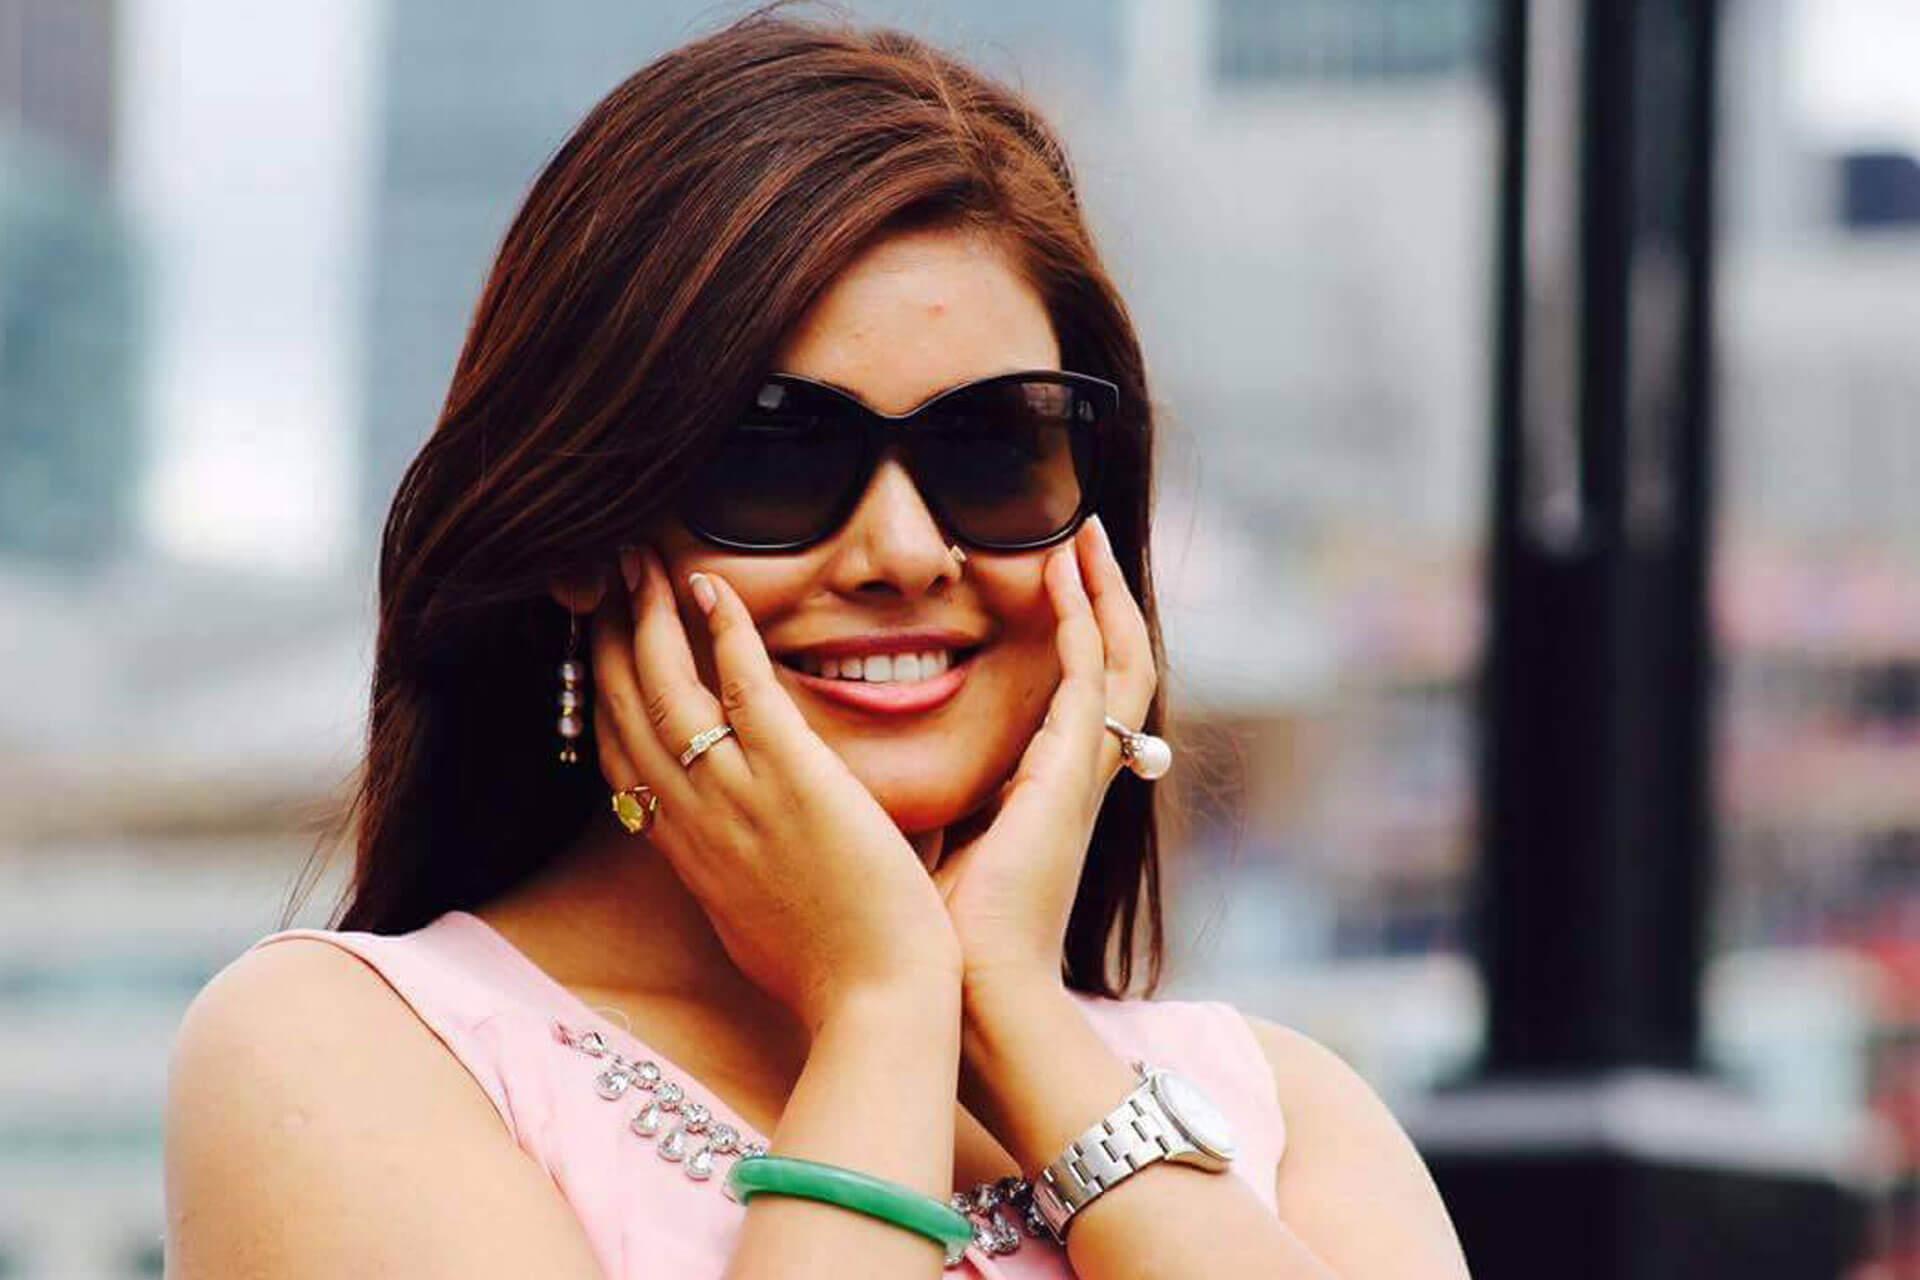 प्रेम प्रस्ताव राख्नेहरुलाई एकपटक भनेपनि भेट्न थालेको छु : सुनिता दुलाल